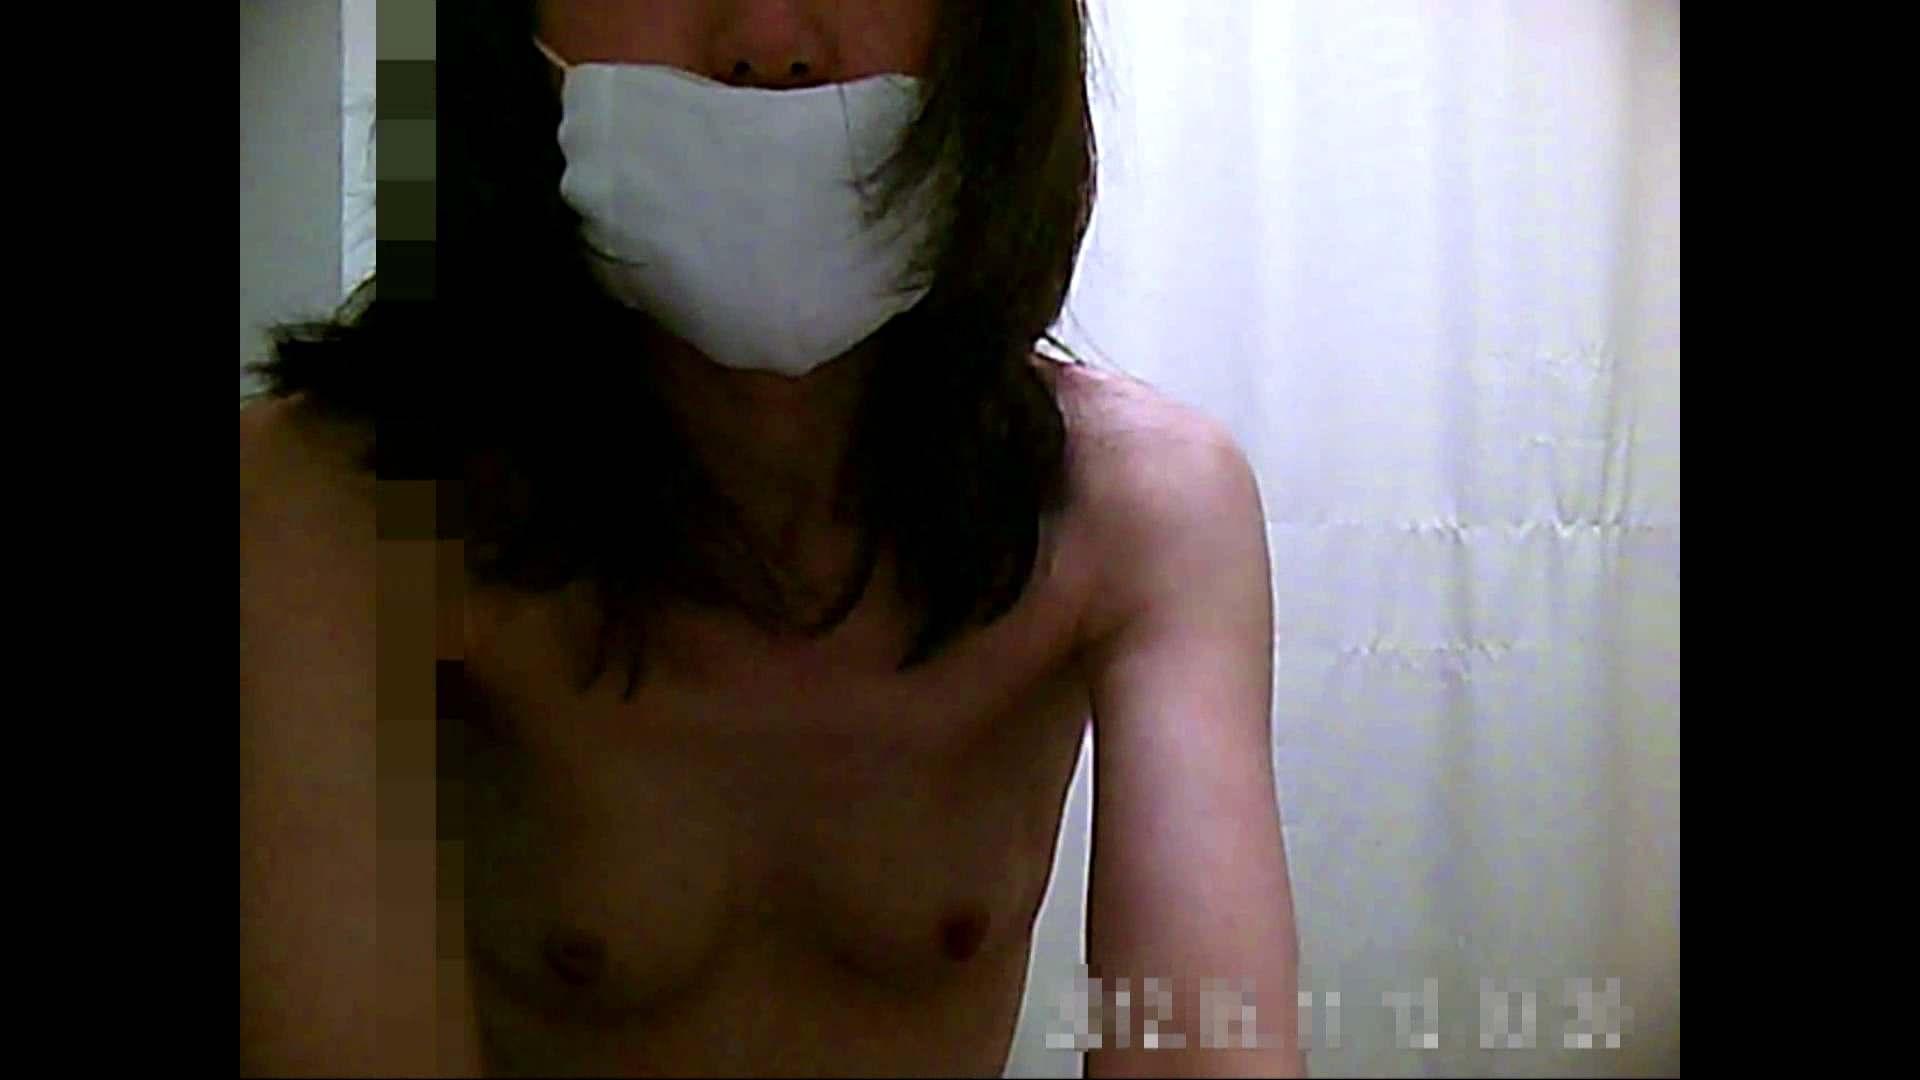 元医者による反抗 更衣室地獄絵巻 vol.001 OLの実態  56pic 56